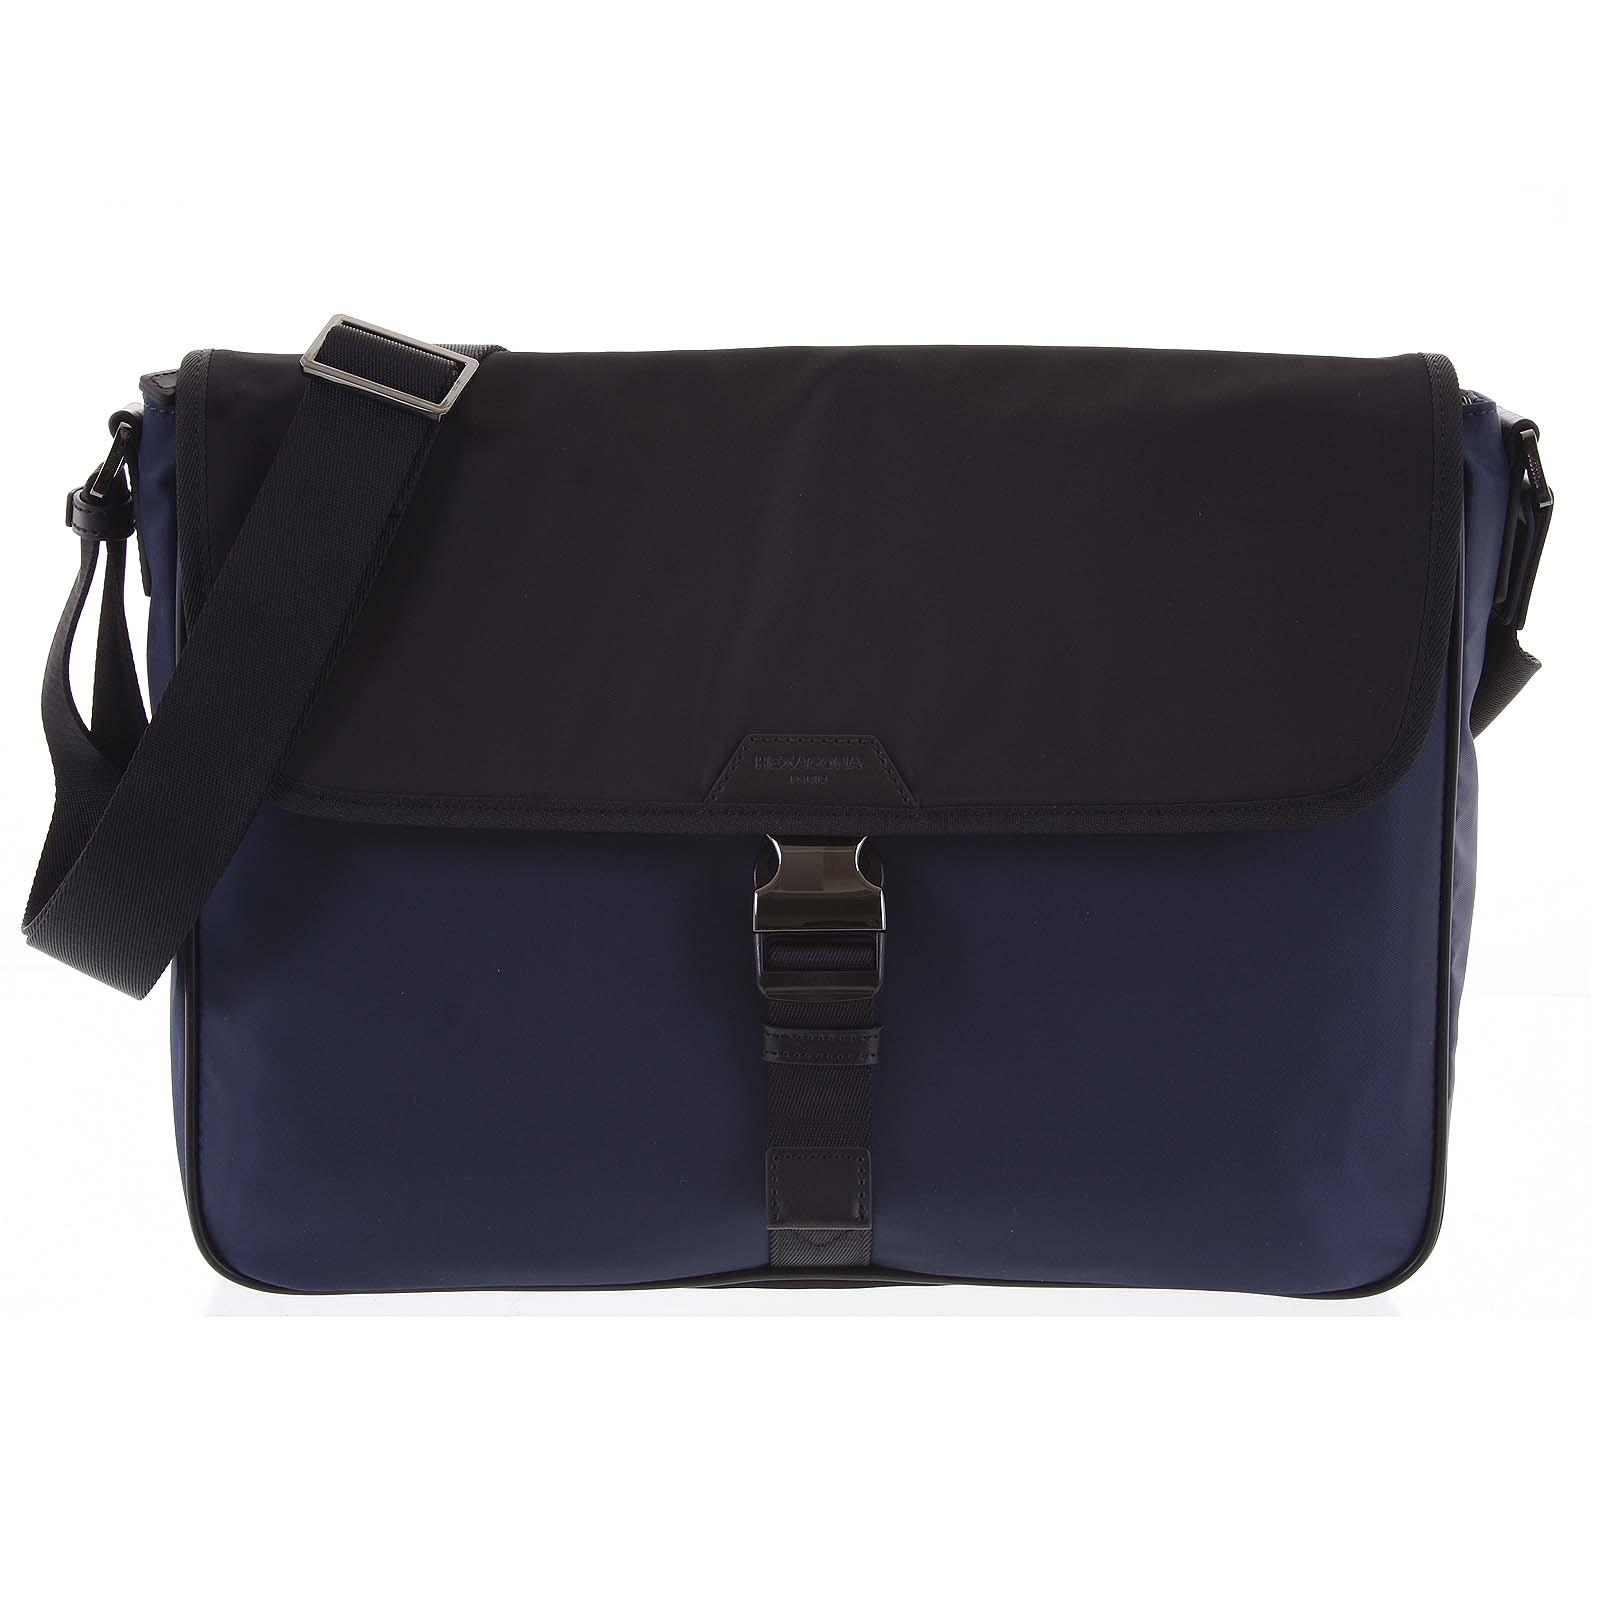 Crossbody taška na notebook modro černá - Hexagona Baccus